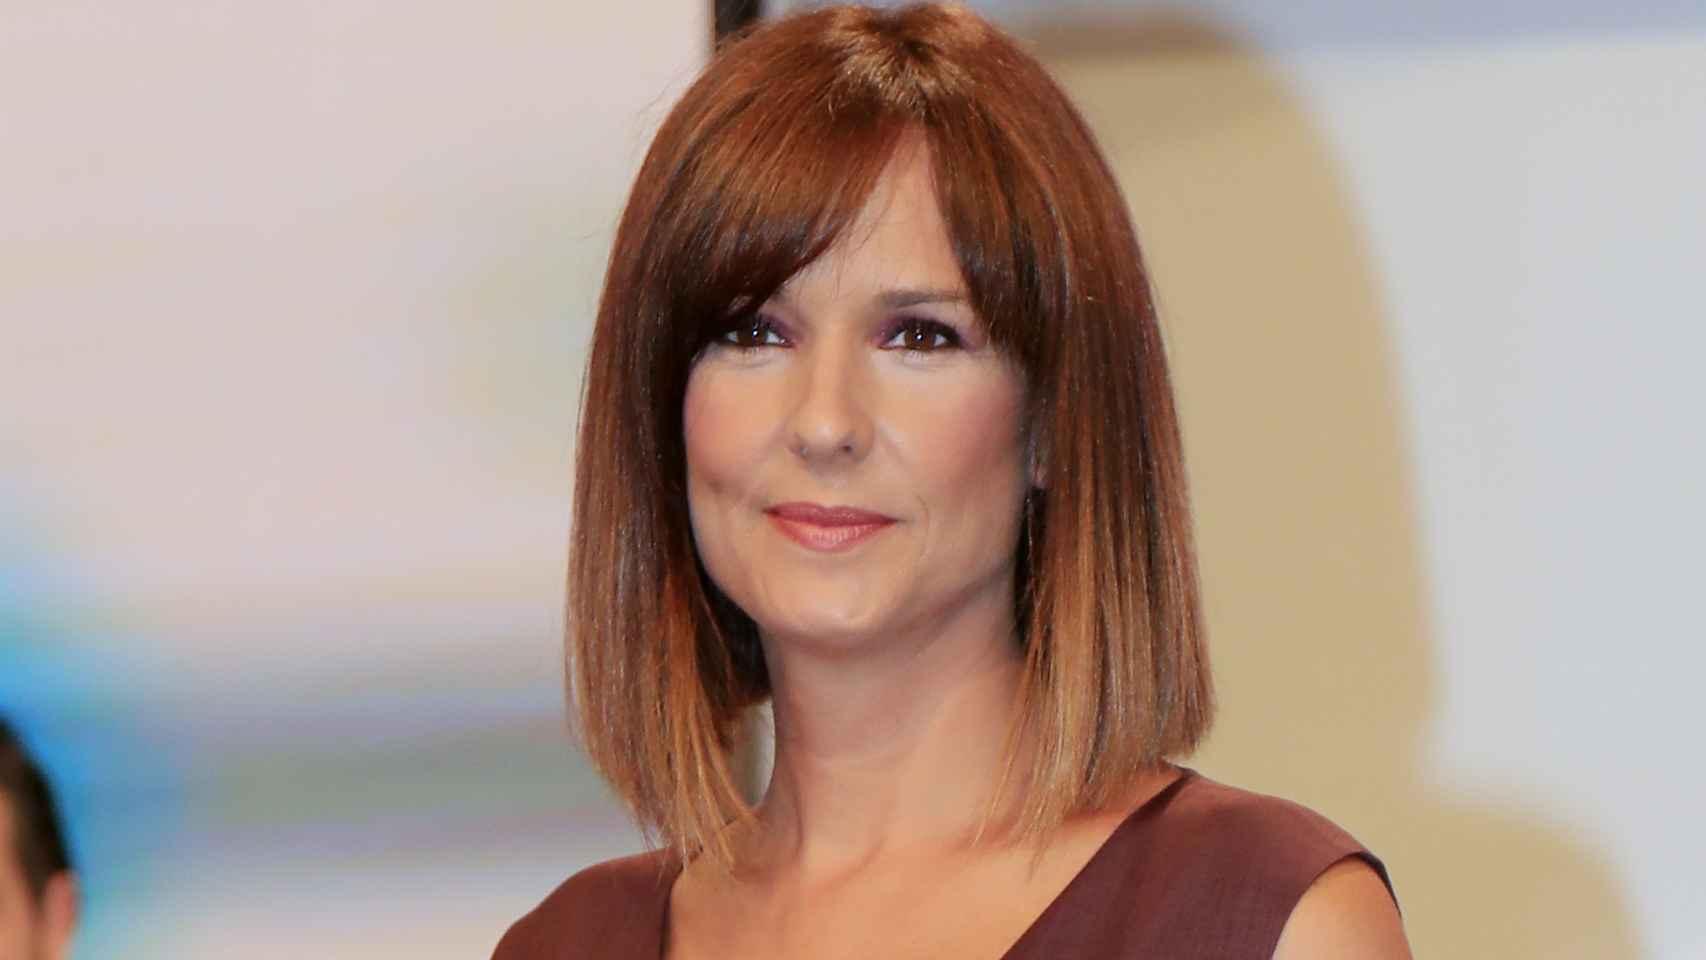 Mónica López en una imagen promocional de 'La hora de La 1'.